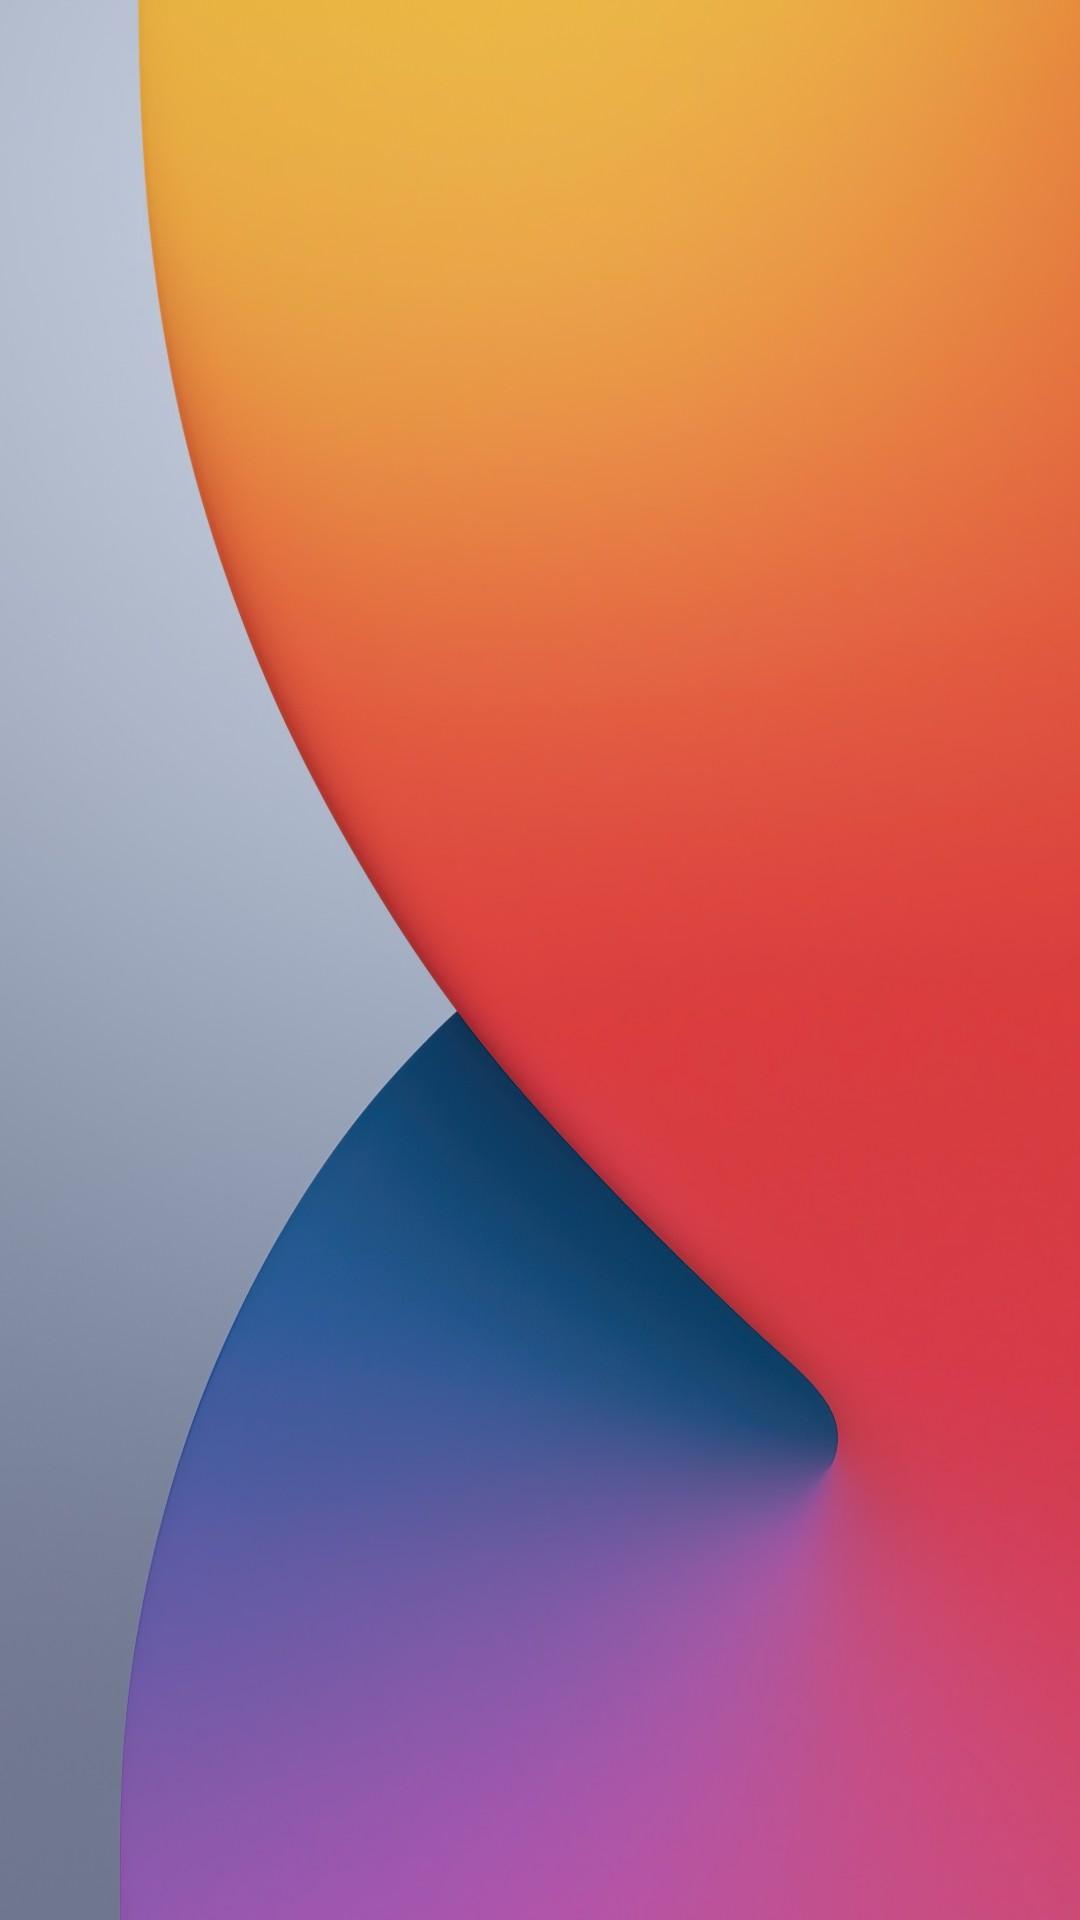 Wallpaper Ios 14 Ipados 14 Abstract Wwdc 2020 4k Os 22650